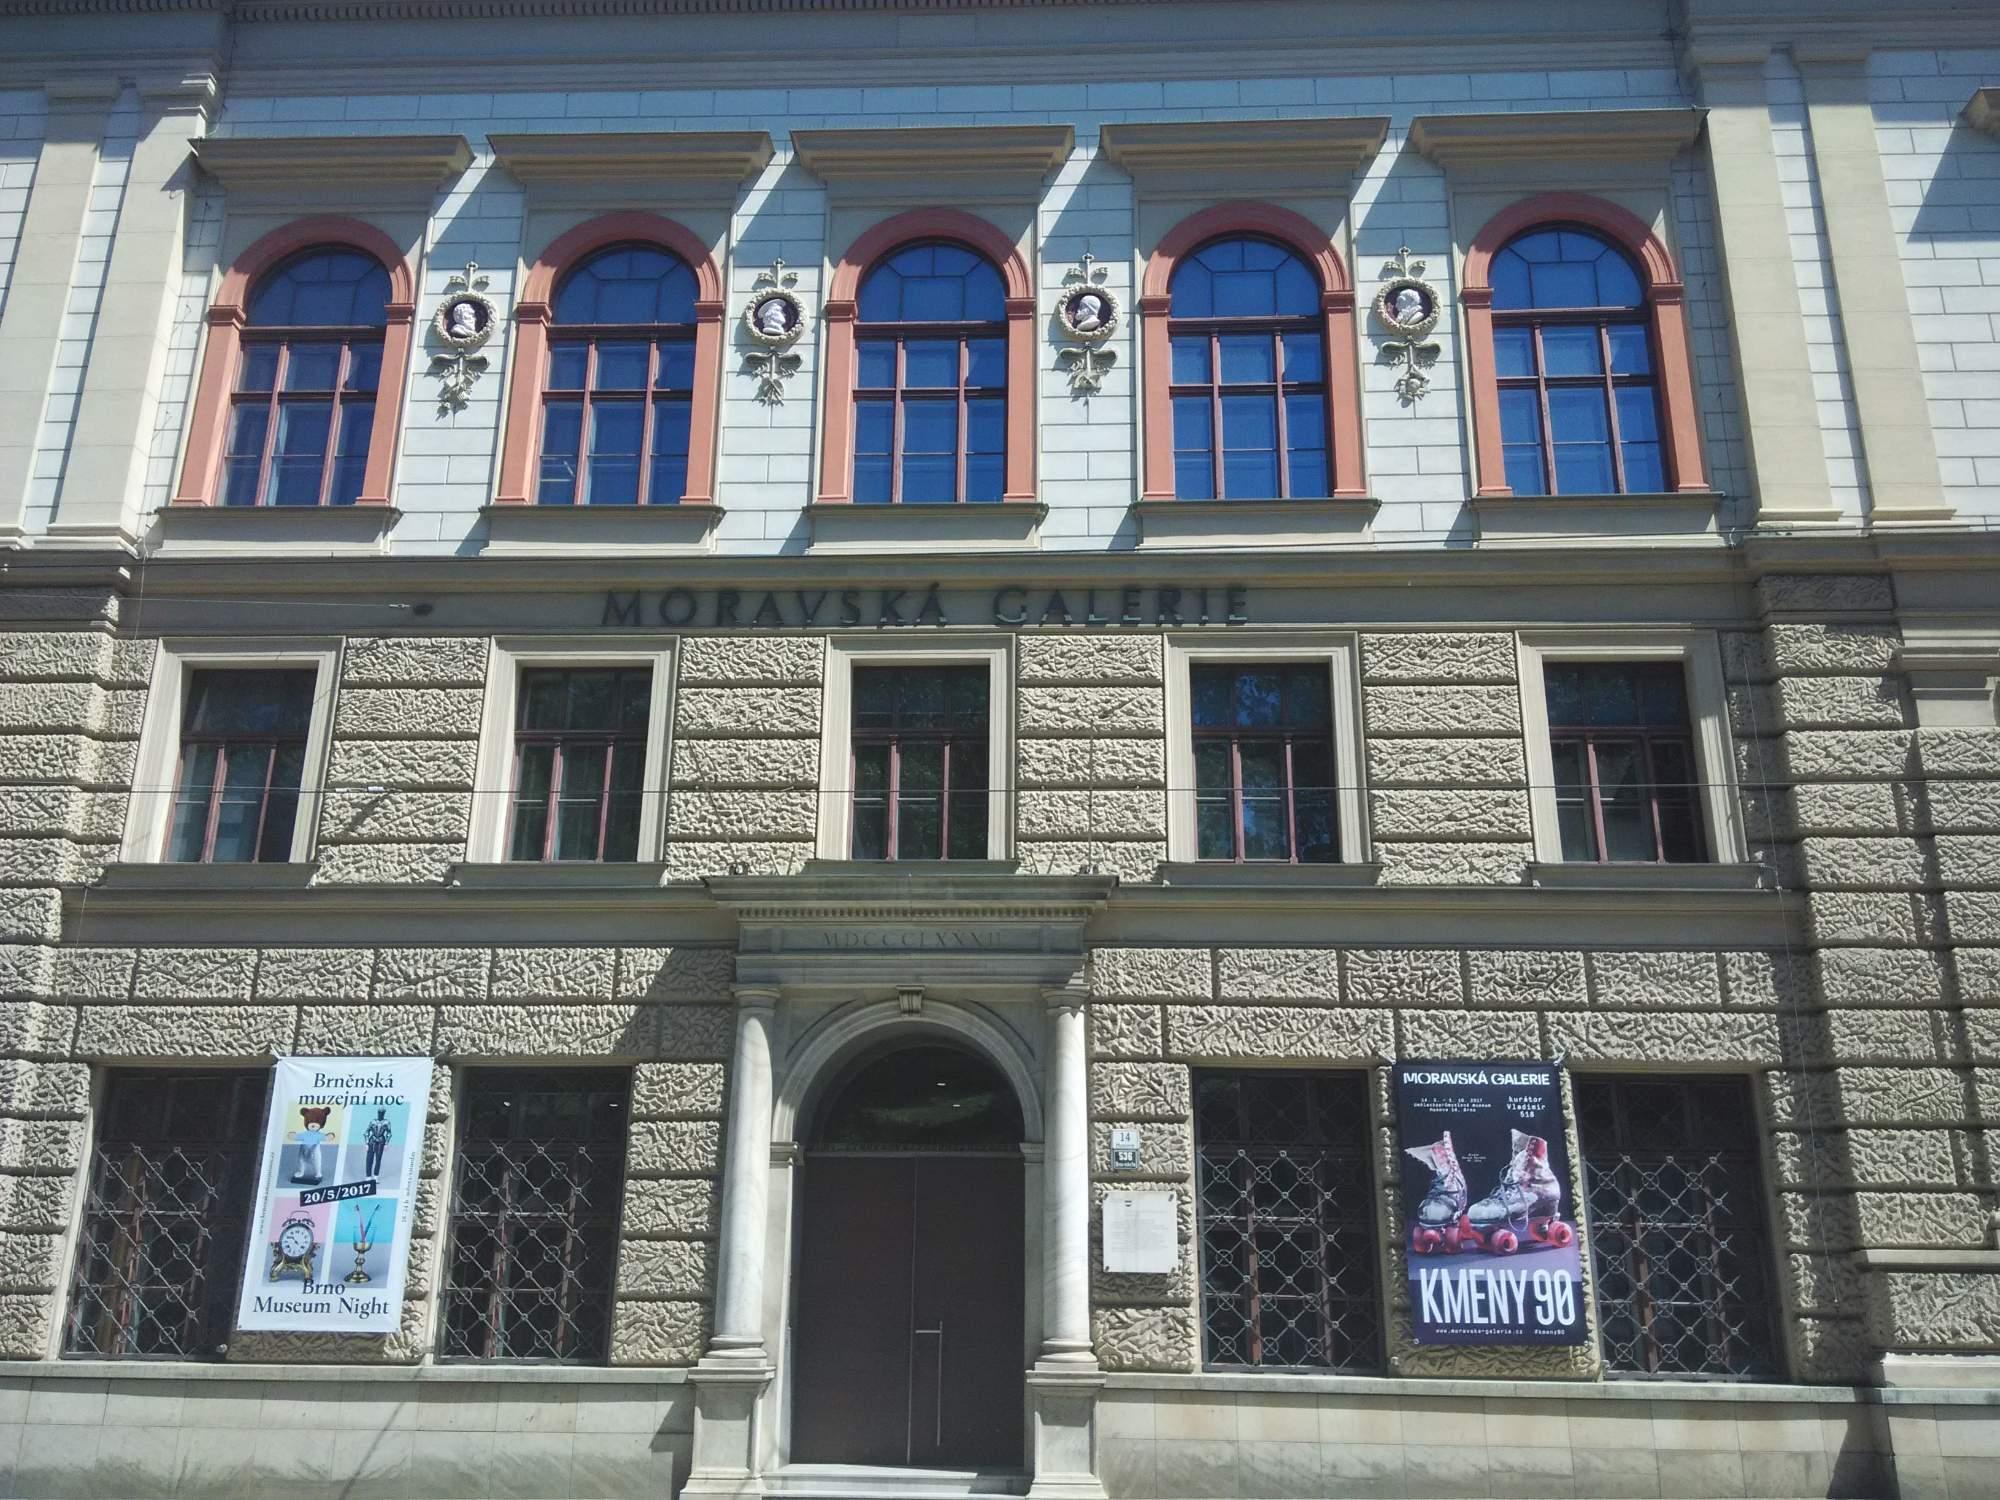 Uměleckoprůmyslové muzeum Moravské galerie. FOTO: Michael Malík